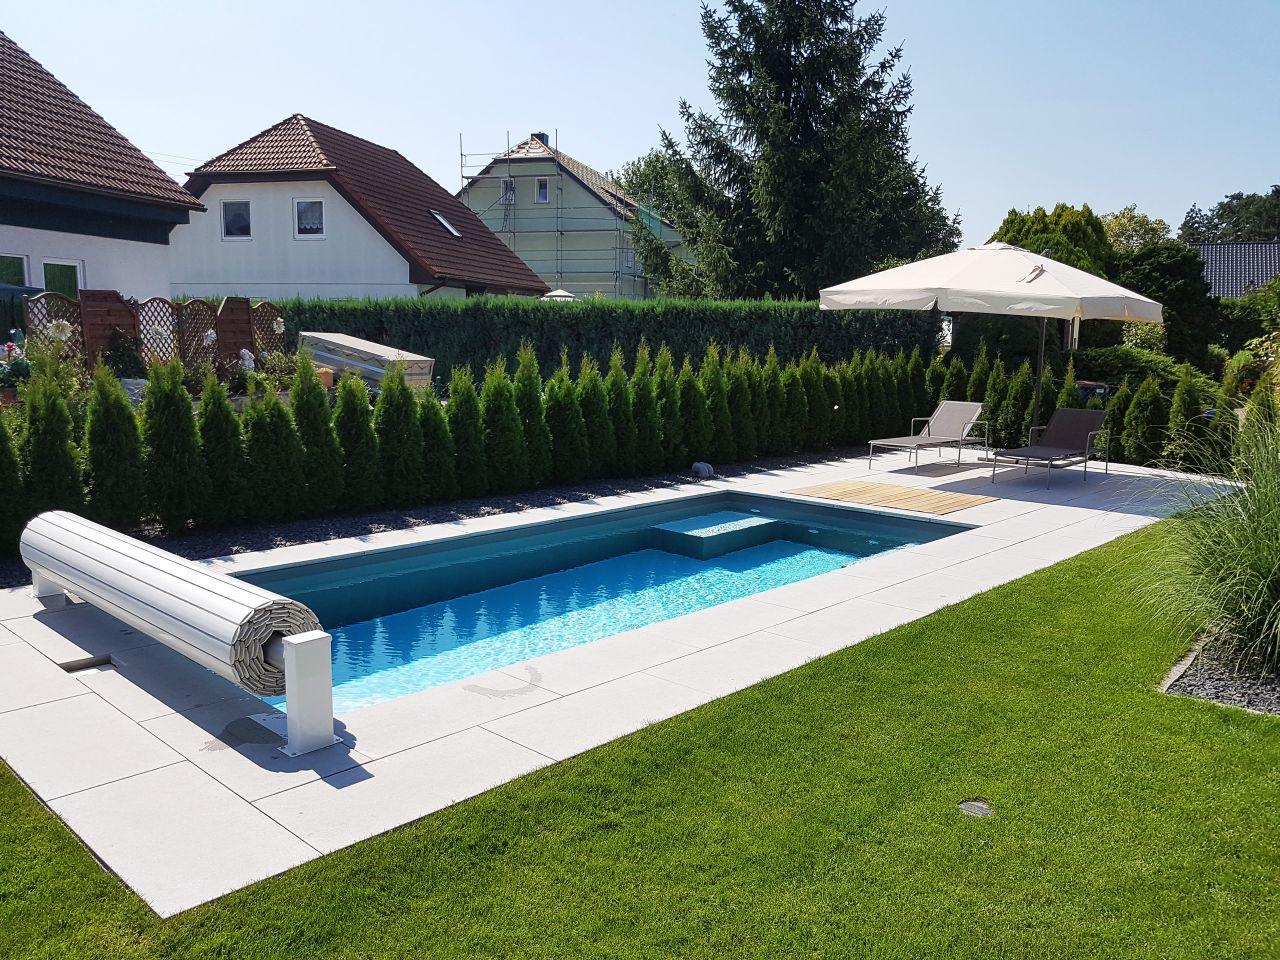 Pool 2,85x6,5x1,5m mit Treppe, Podest und Rollladenabdeckung